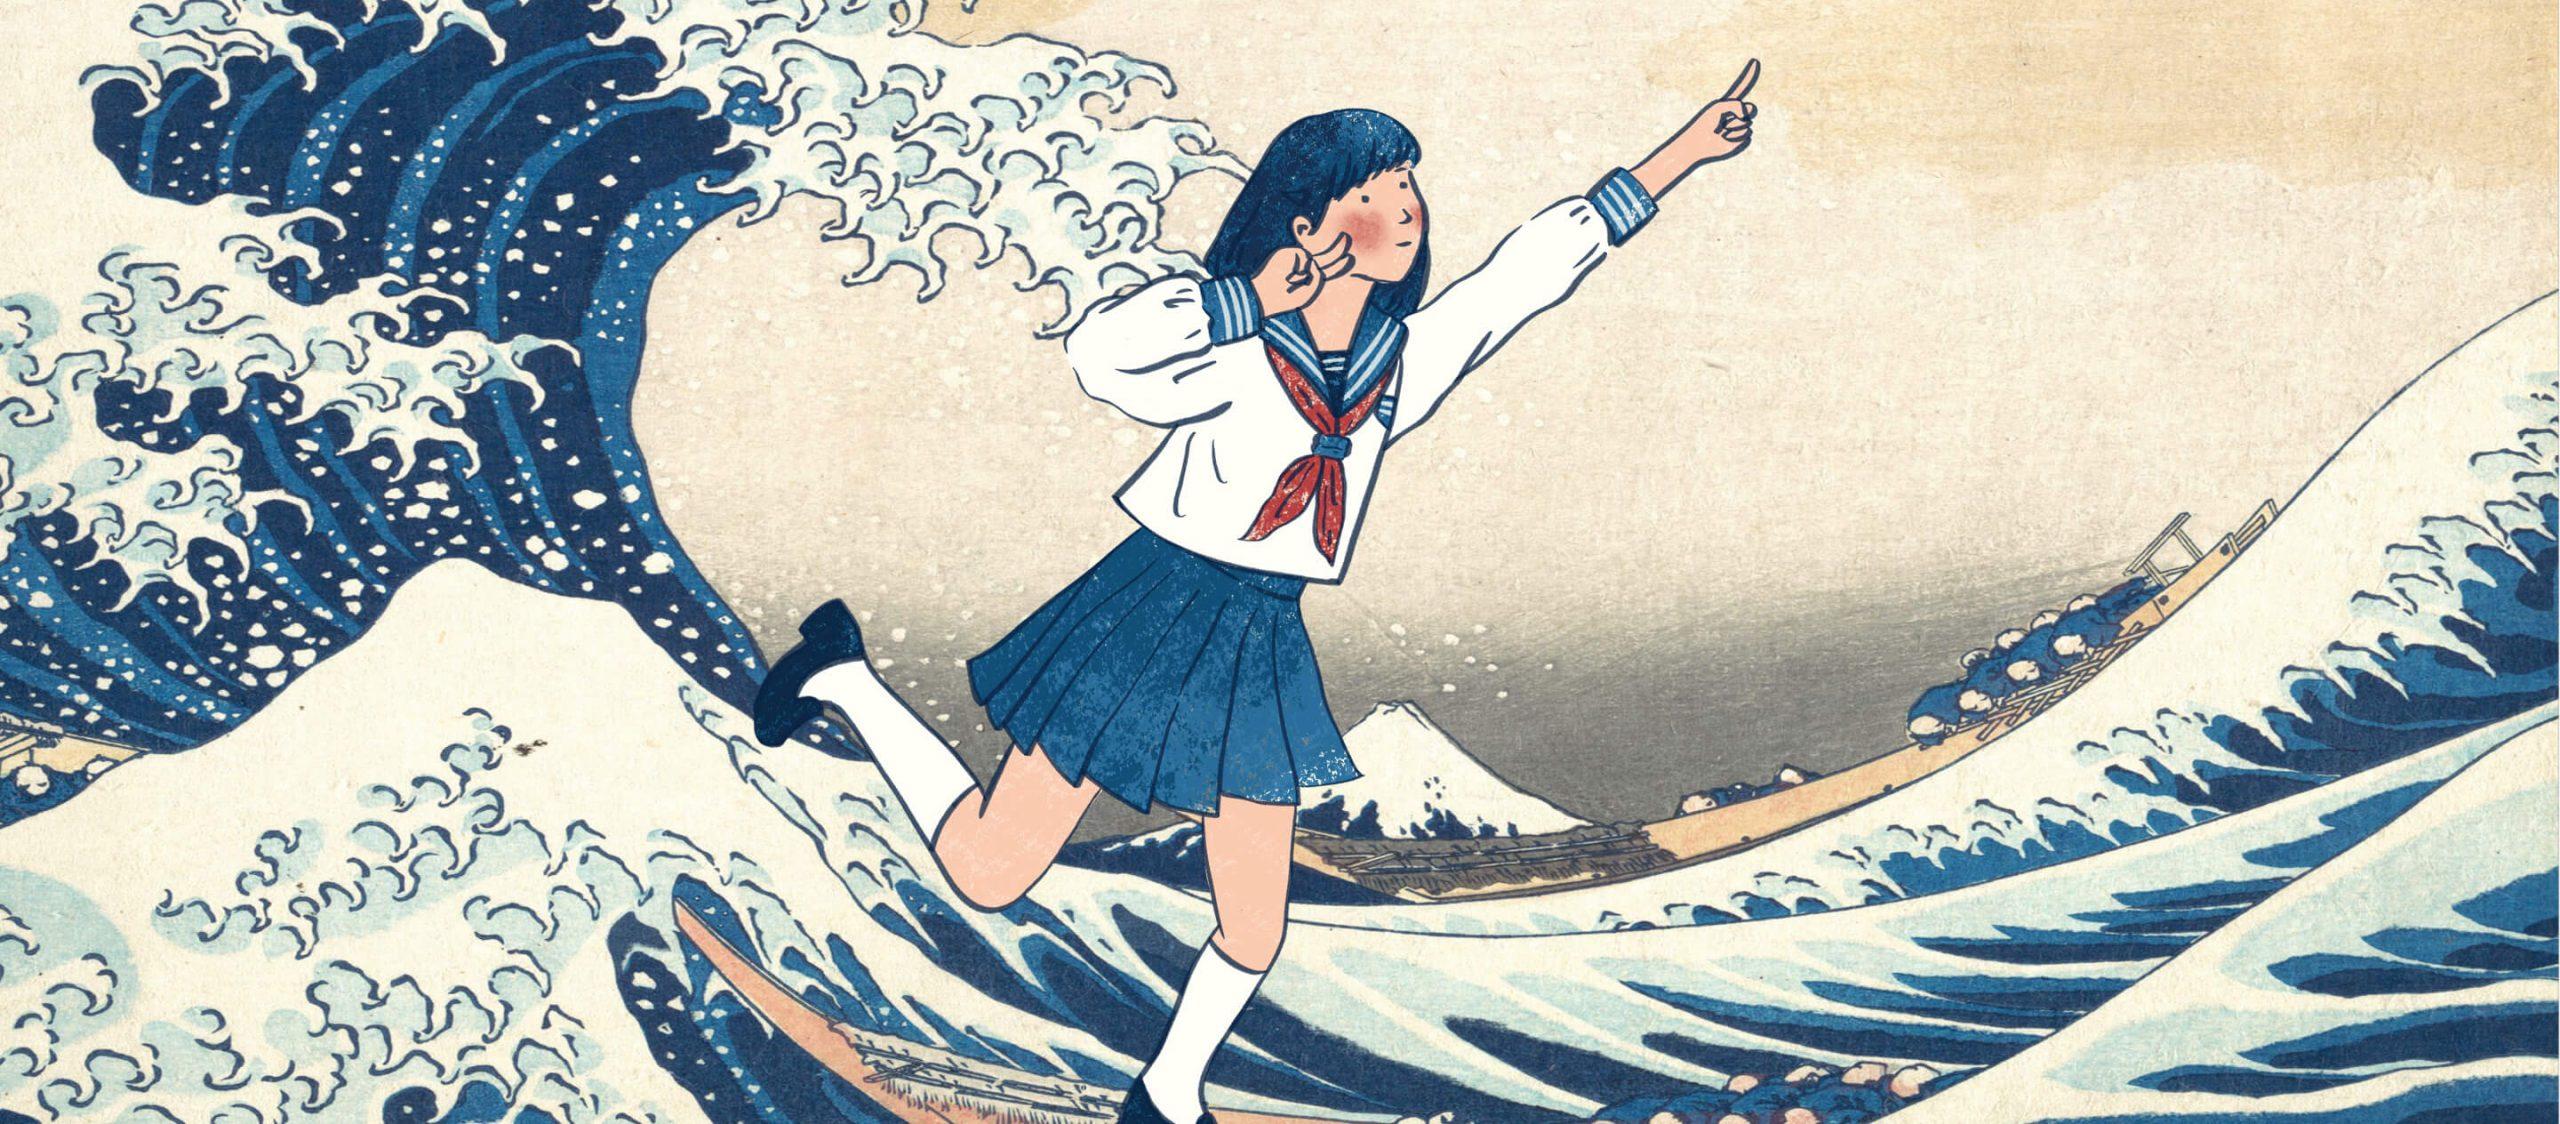 ชุดนักเรียนญี่ปุ่นสไตล์กะลาสี จากสัญลักษณ์ชนชั้นสูงสู่คอสเพลย์กึ่งแบ๊วกึ่งวาบหวาม